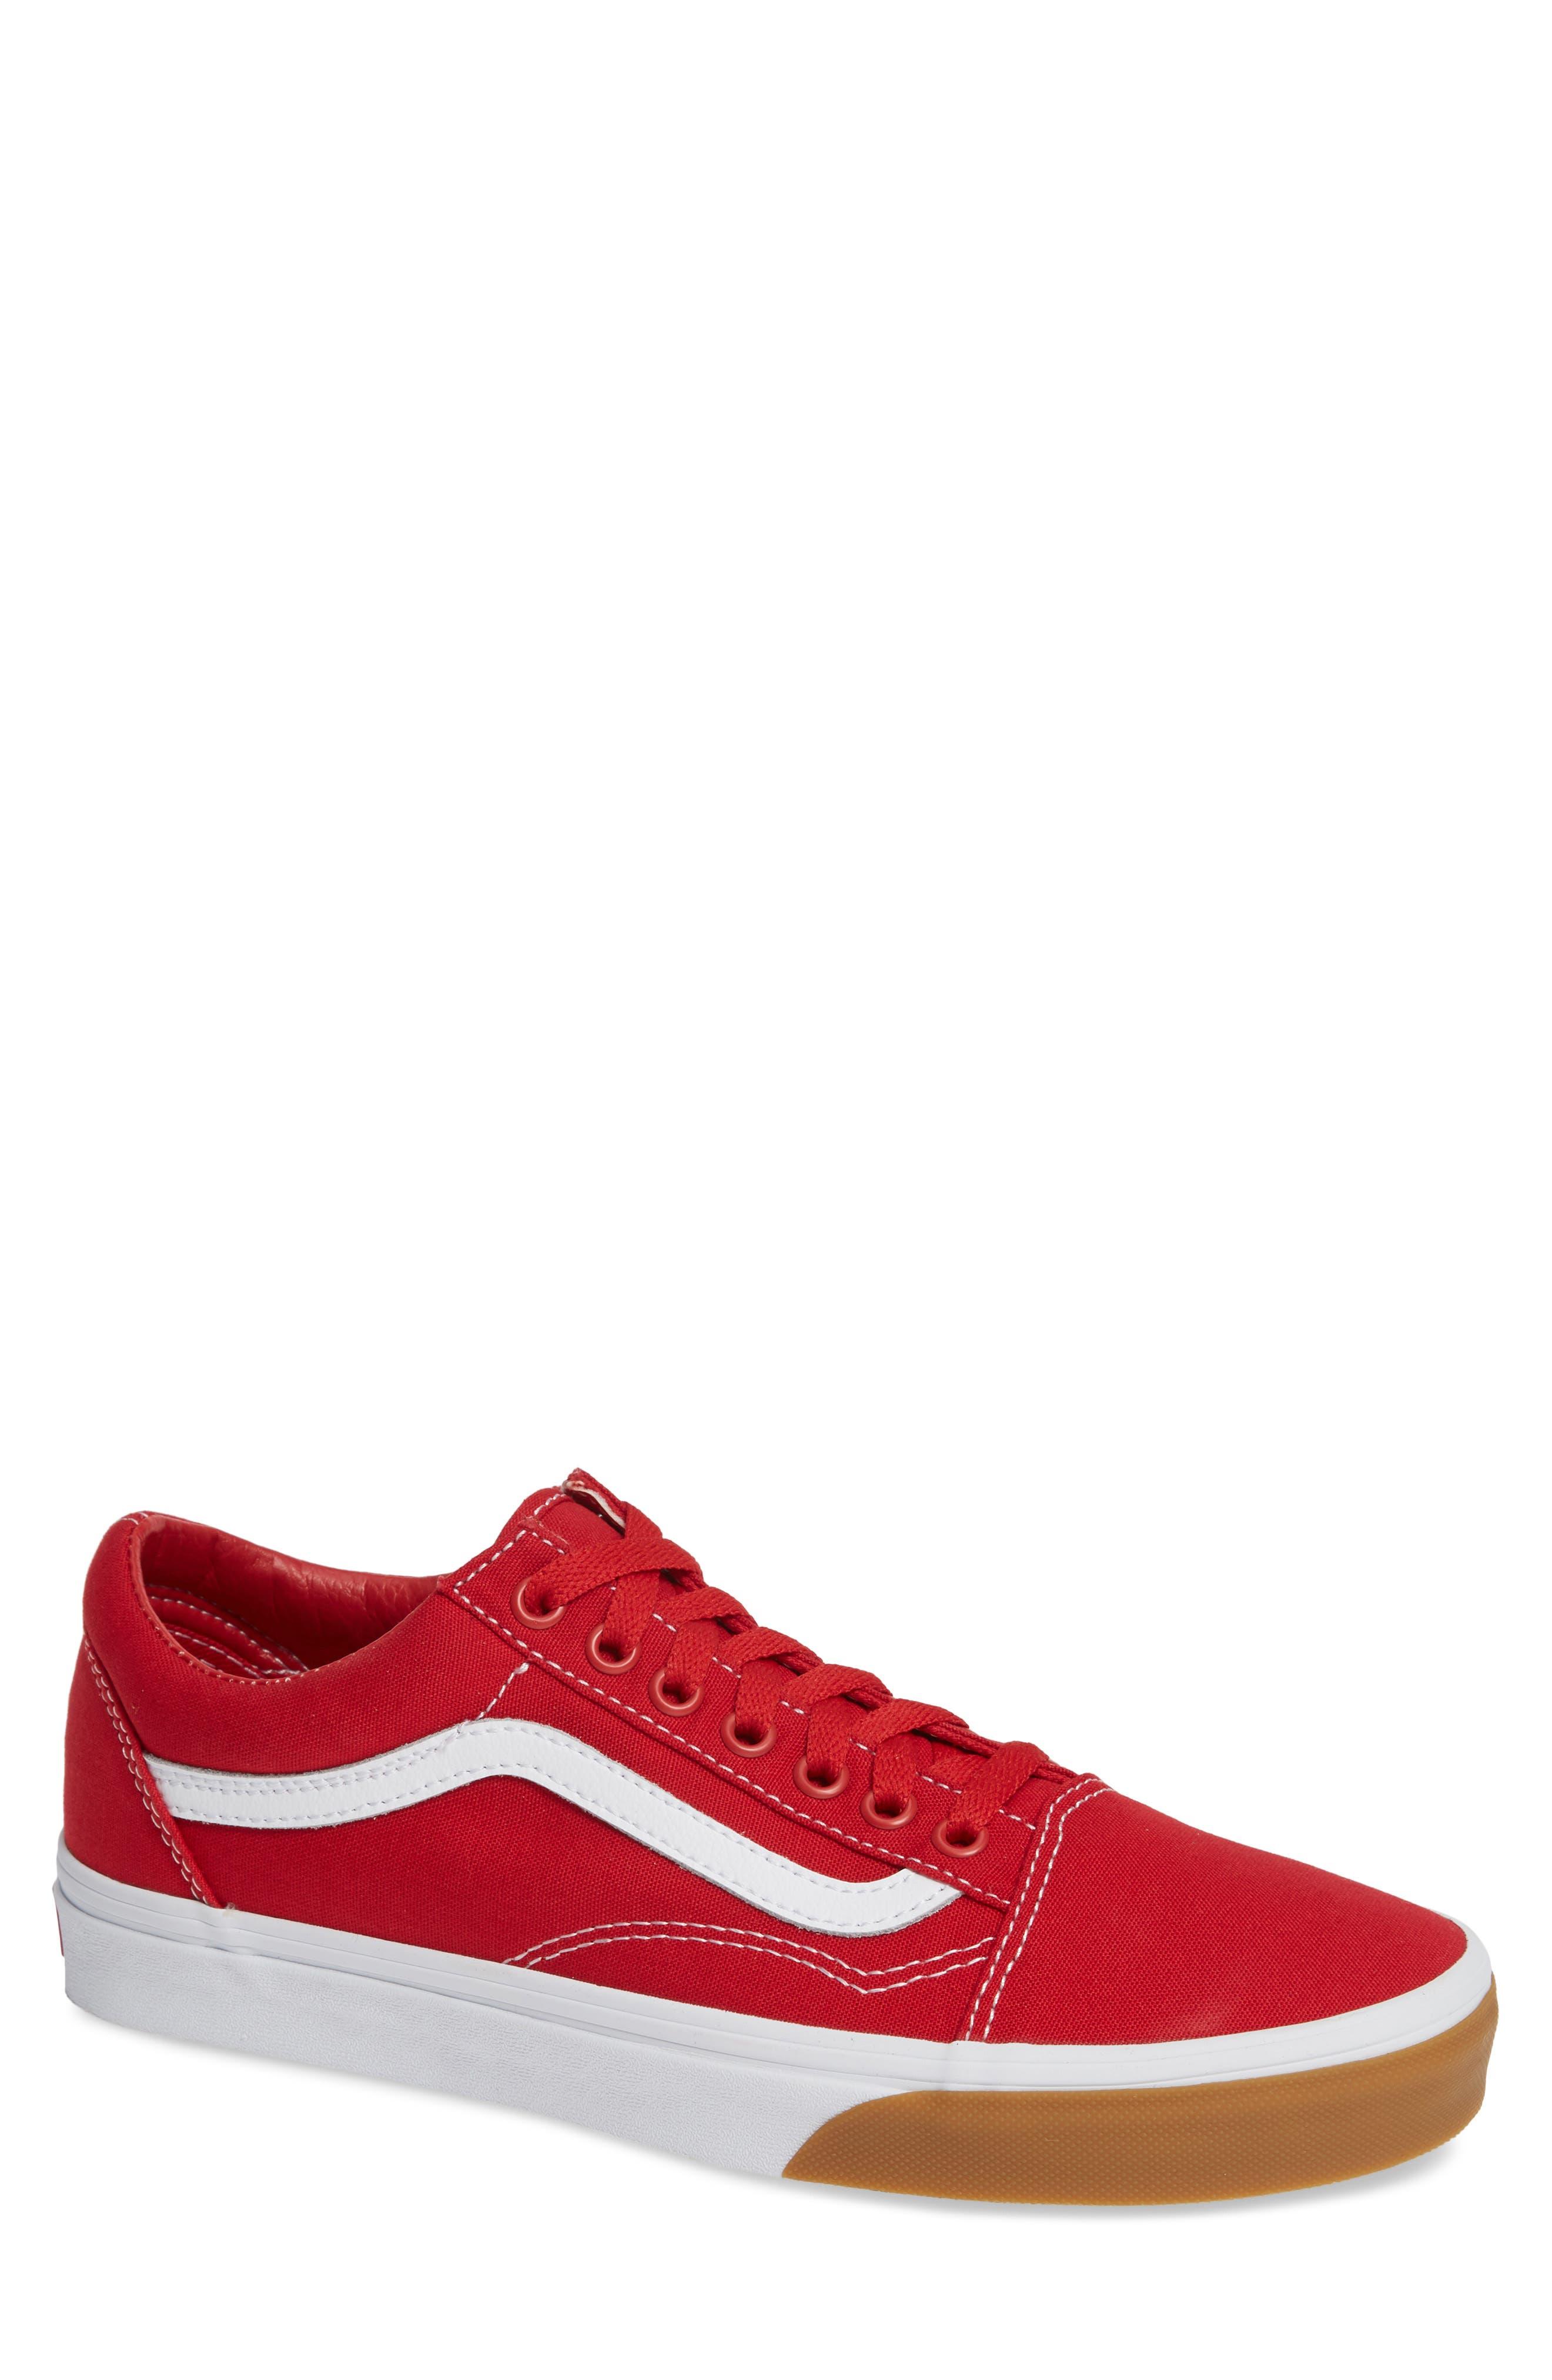 VANS Gum Old Skool Sneaker, Main, color, RED/ TRUE WHITE